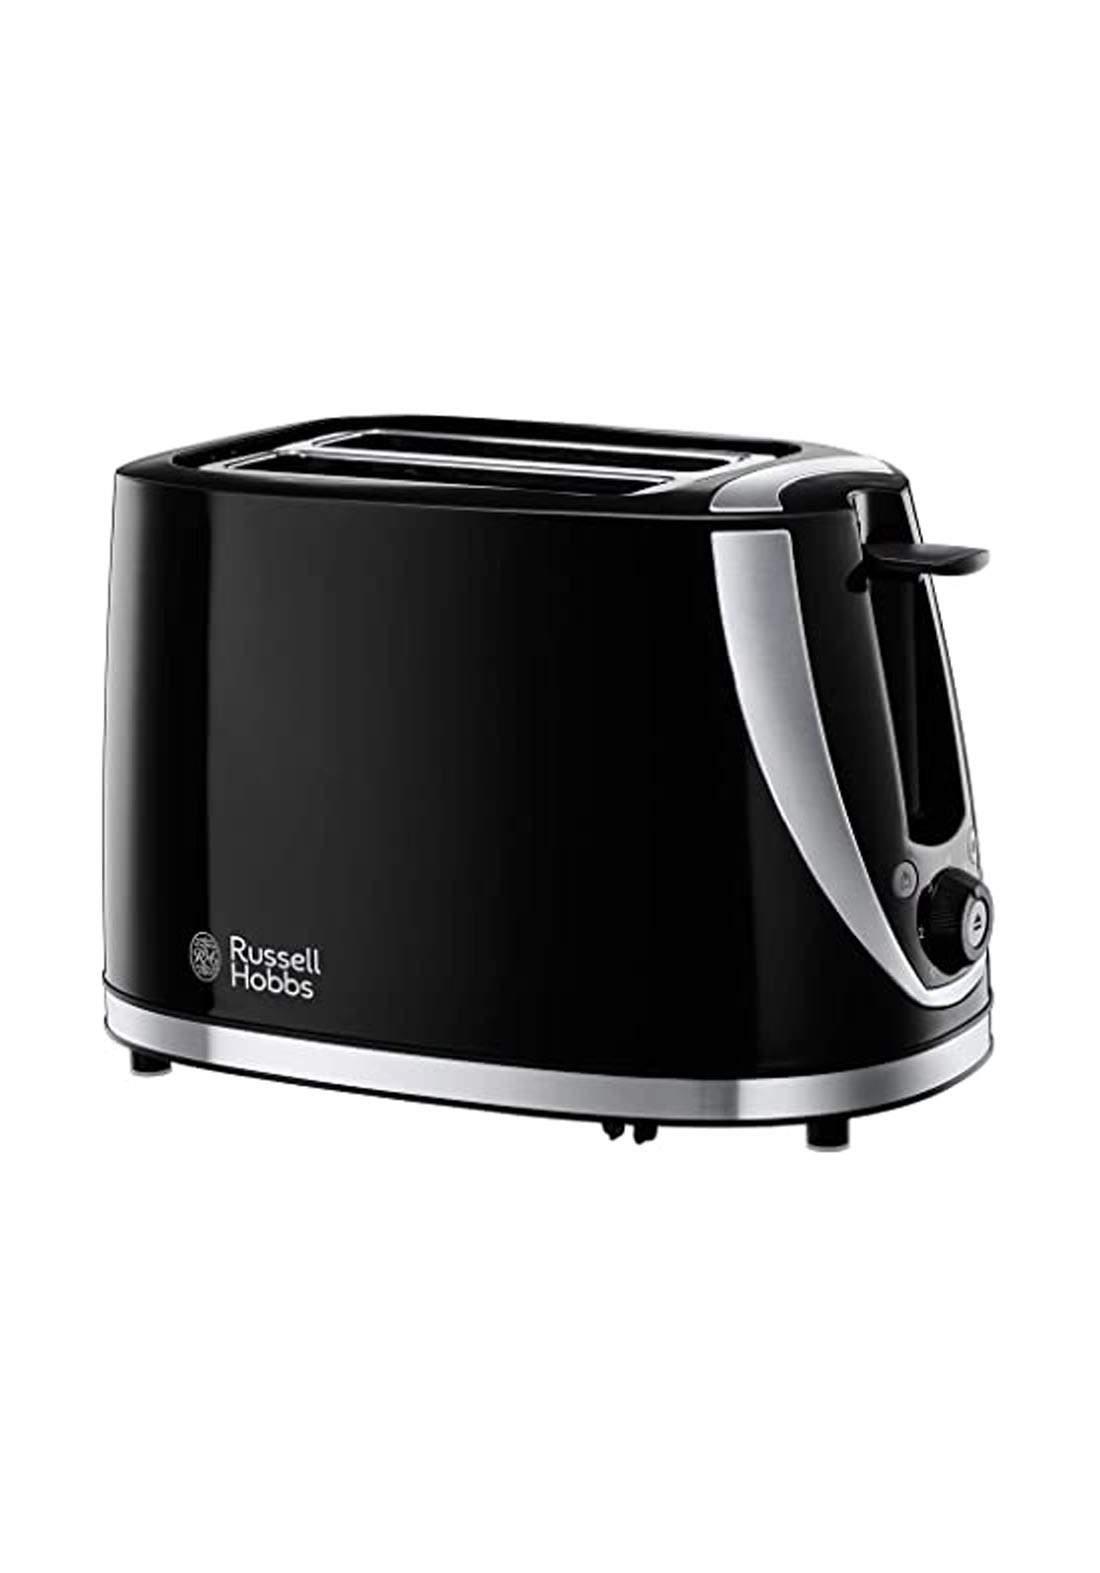 Russell hobbs 21410 Toaster محمصة